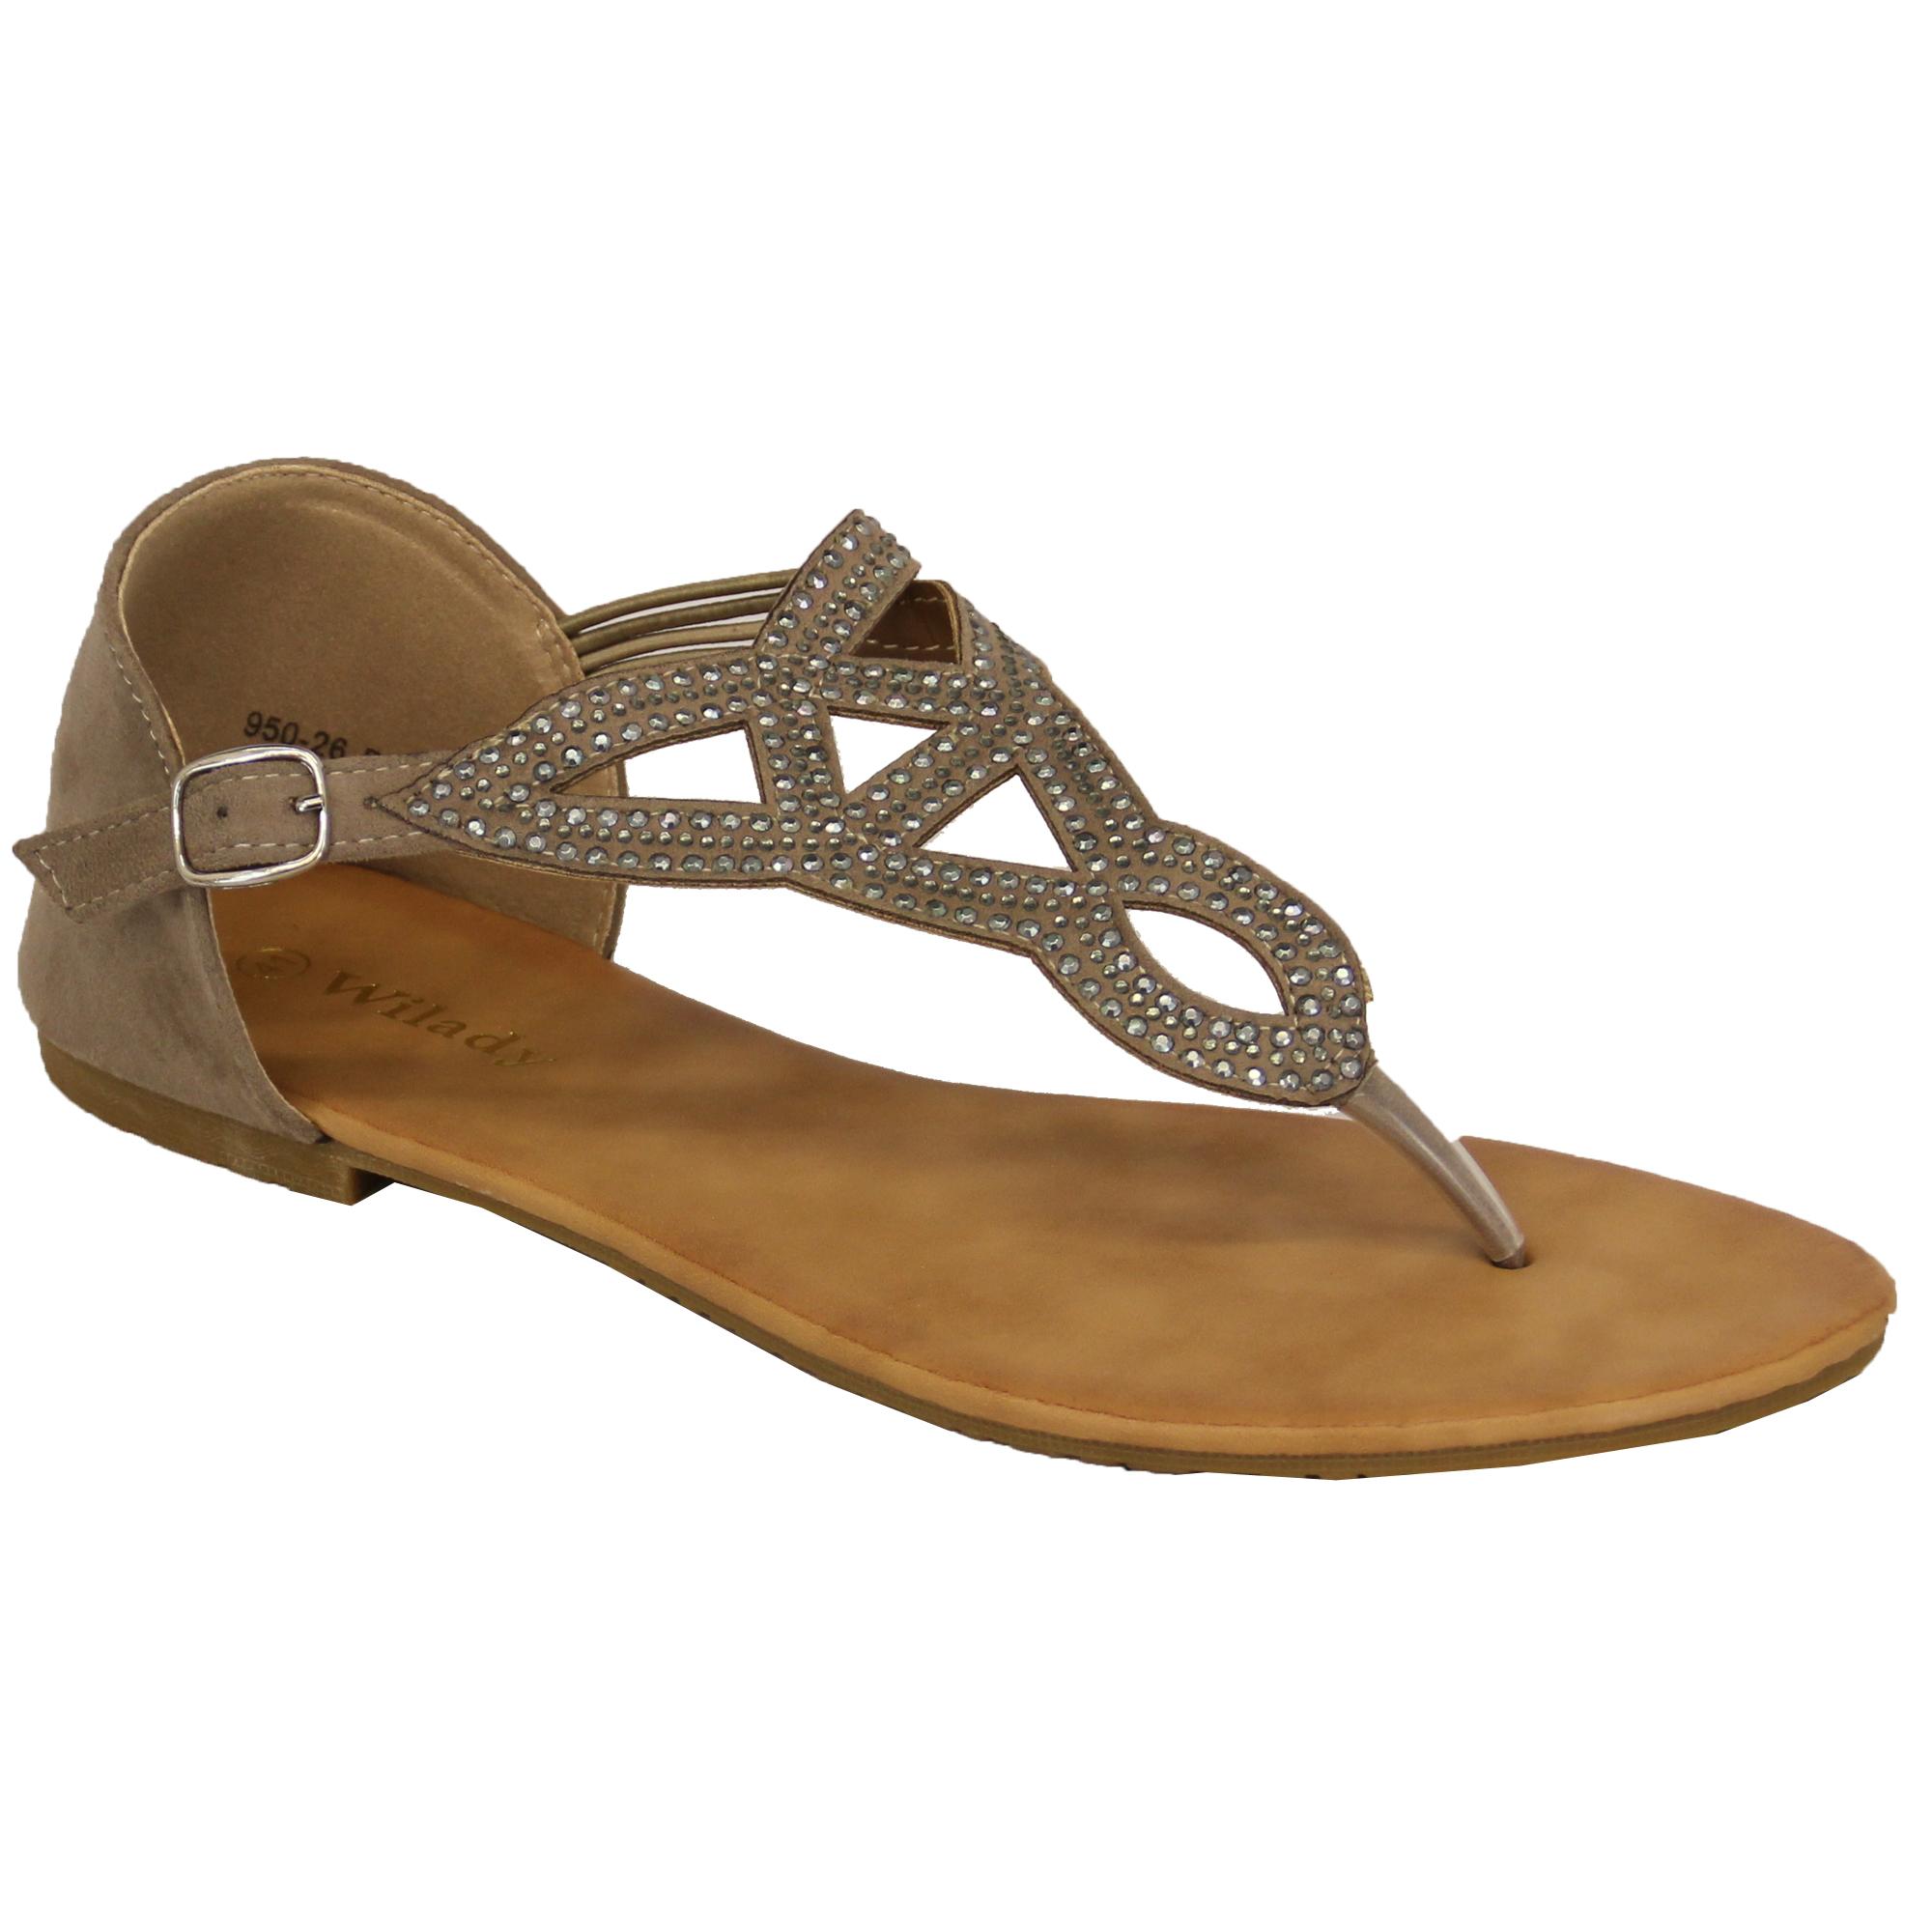 Sandali eleganti • Ladies  da Wilady • Tracolla regolabile con chiusura a  fibbia. • Diamante   dettaglio borchie sulla parte anteriore. 9723a522bc5